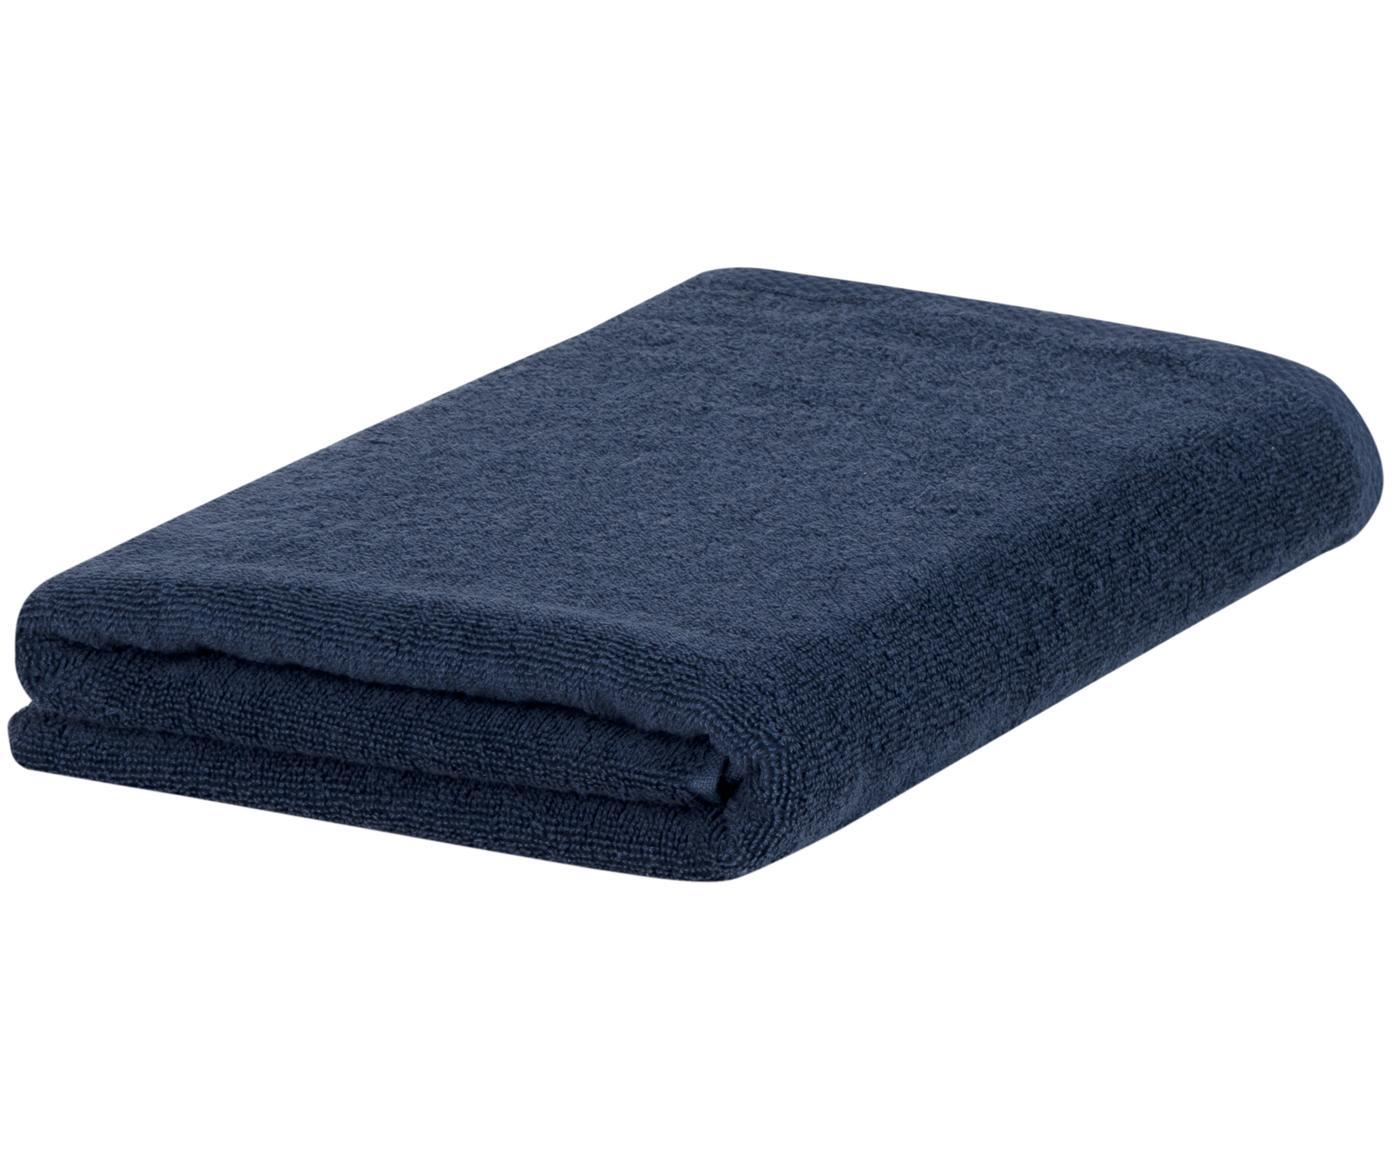 Einfarbiges Handtuch Comfort, Dunkelblau, Gästehandtuch